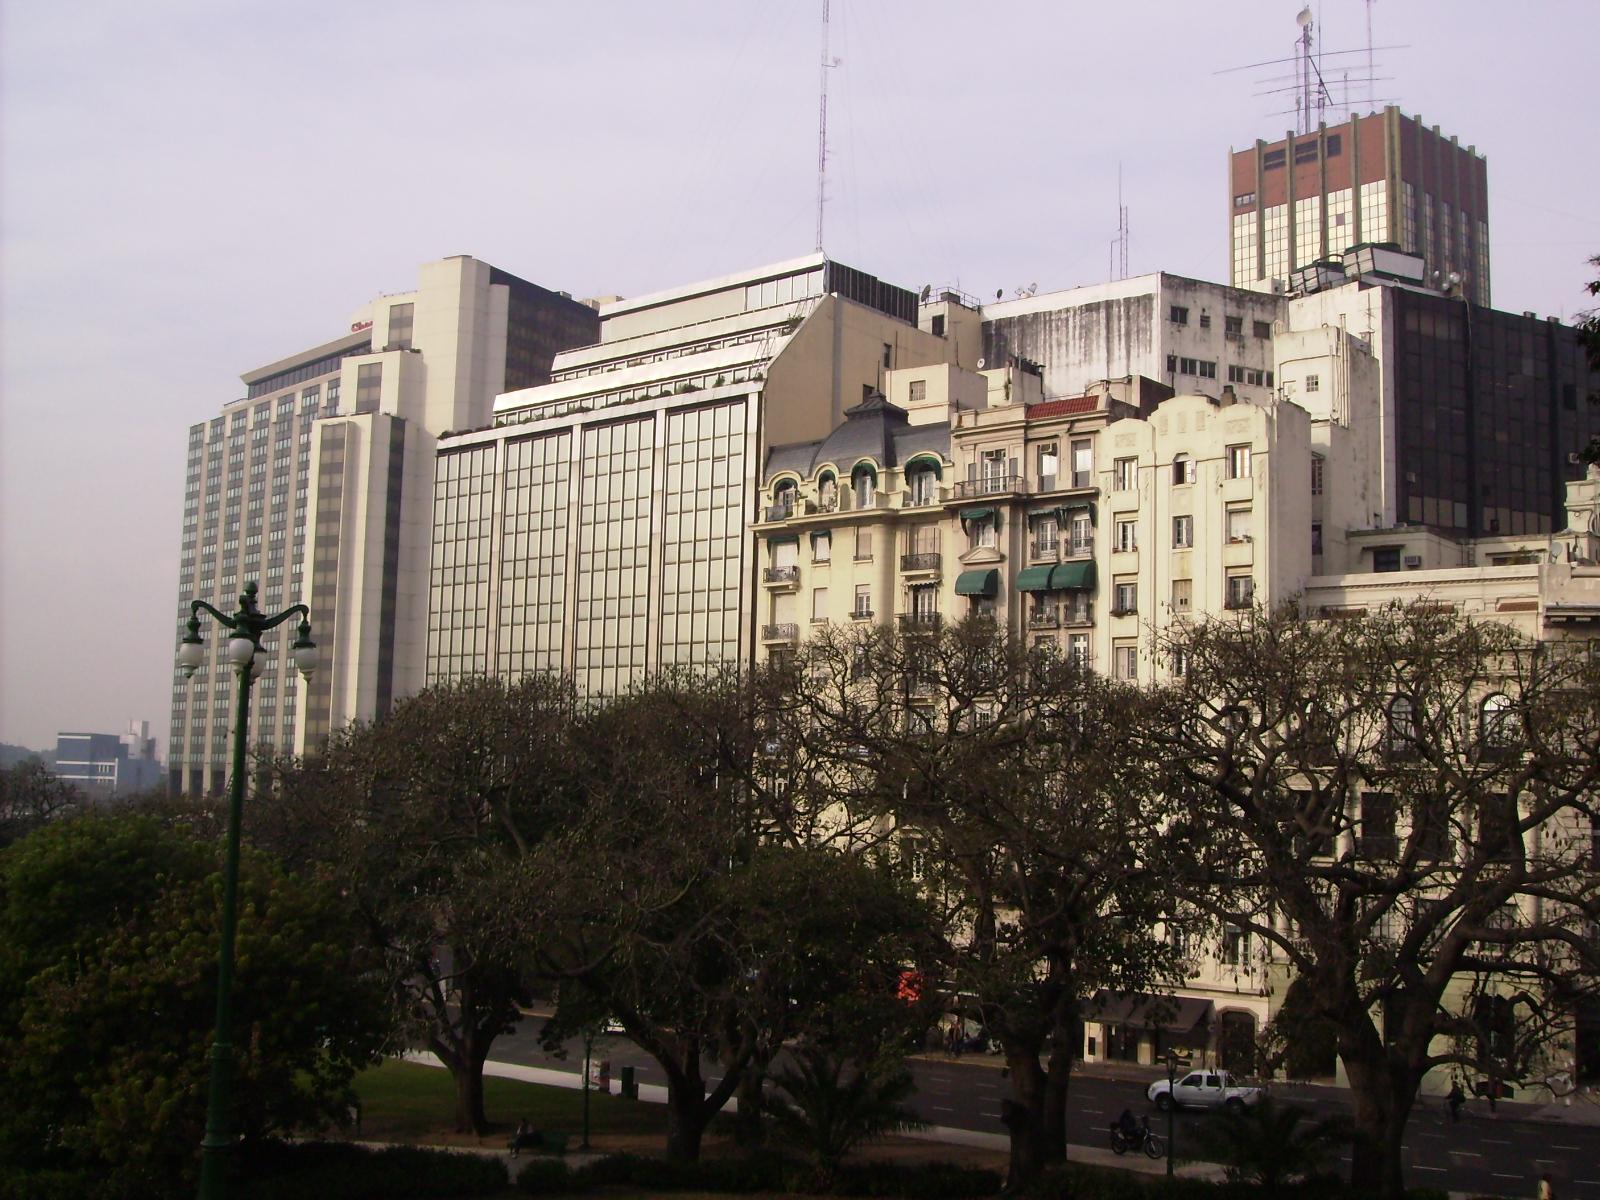 Arquitetura dos prédios em Buenos Aires